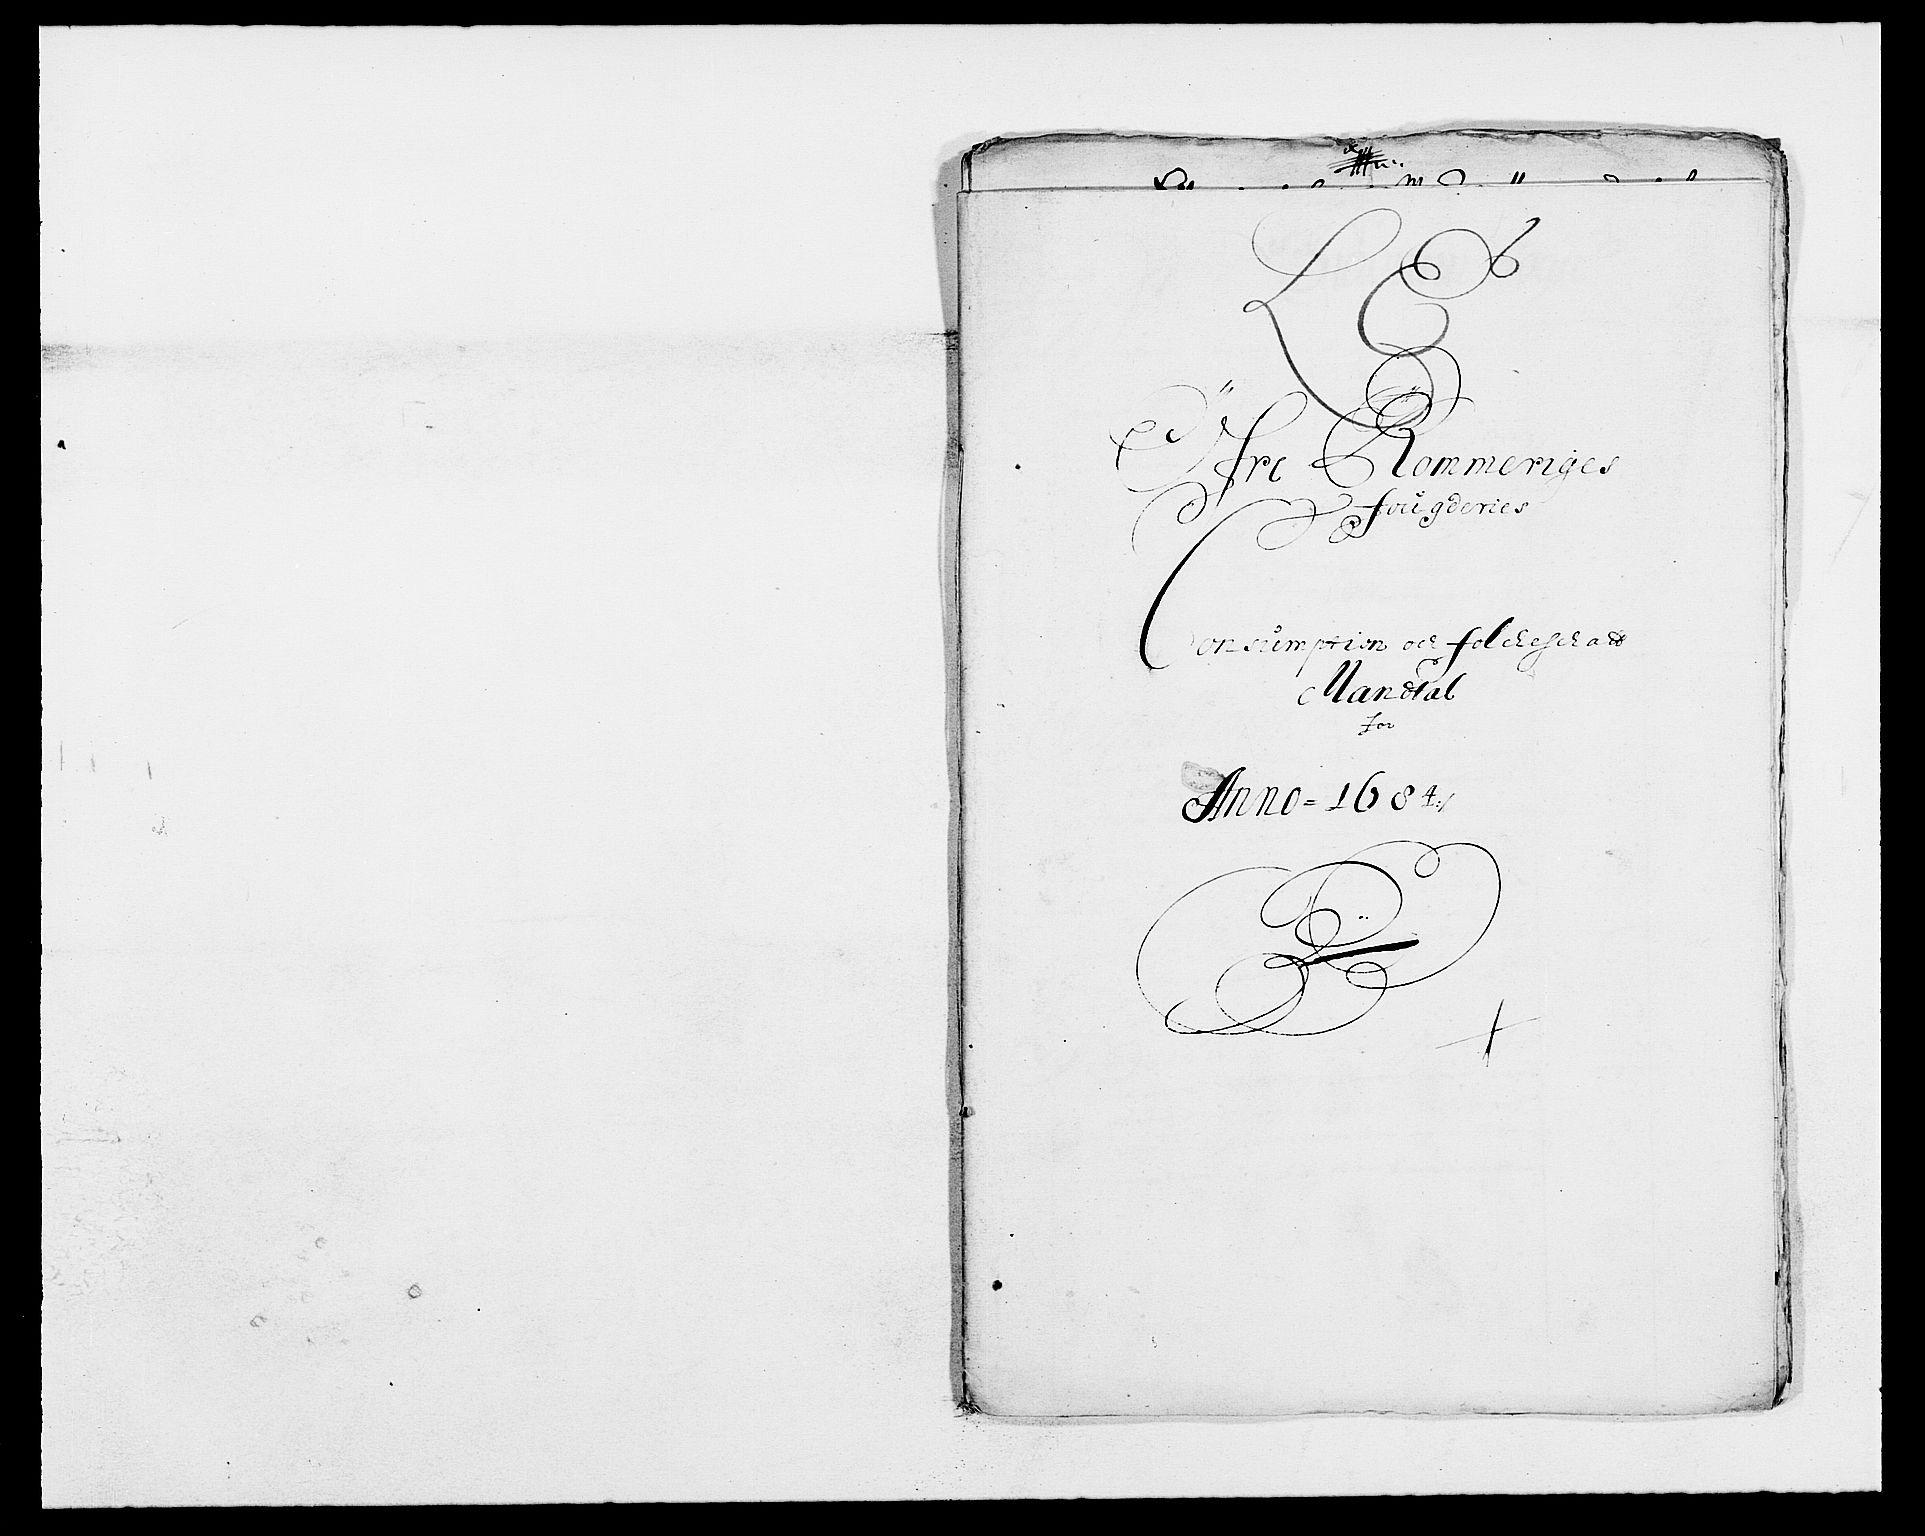 RA, Rentekammeret inntil 1814, Reviderte regnskaper, Fogderegnskap, R12/L0698: Fogderegnskap Øvre Romerike, 1684, s. 58